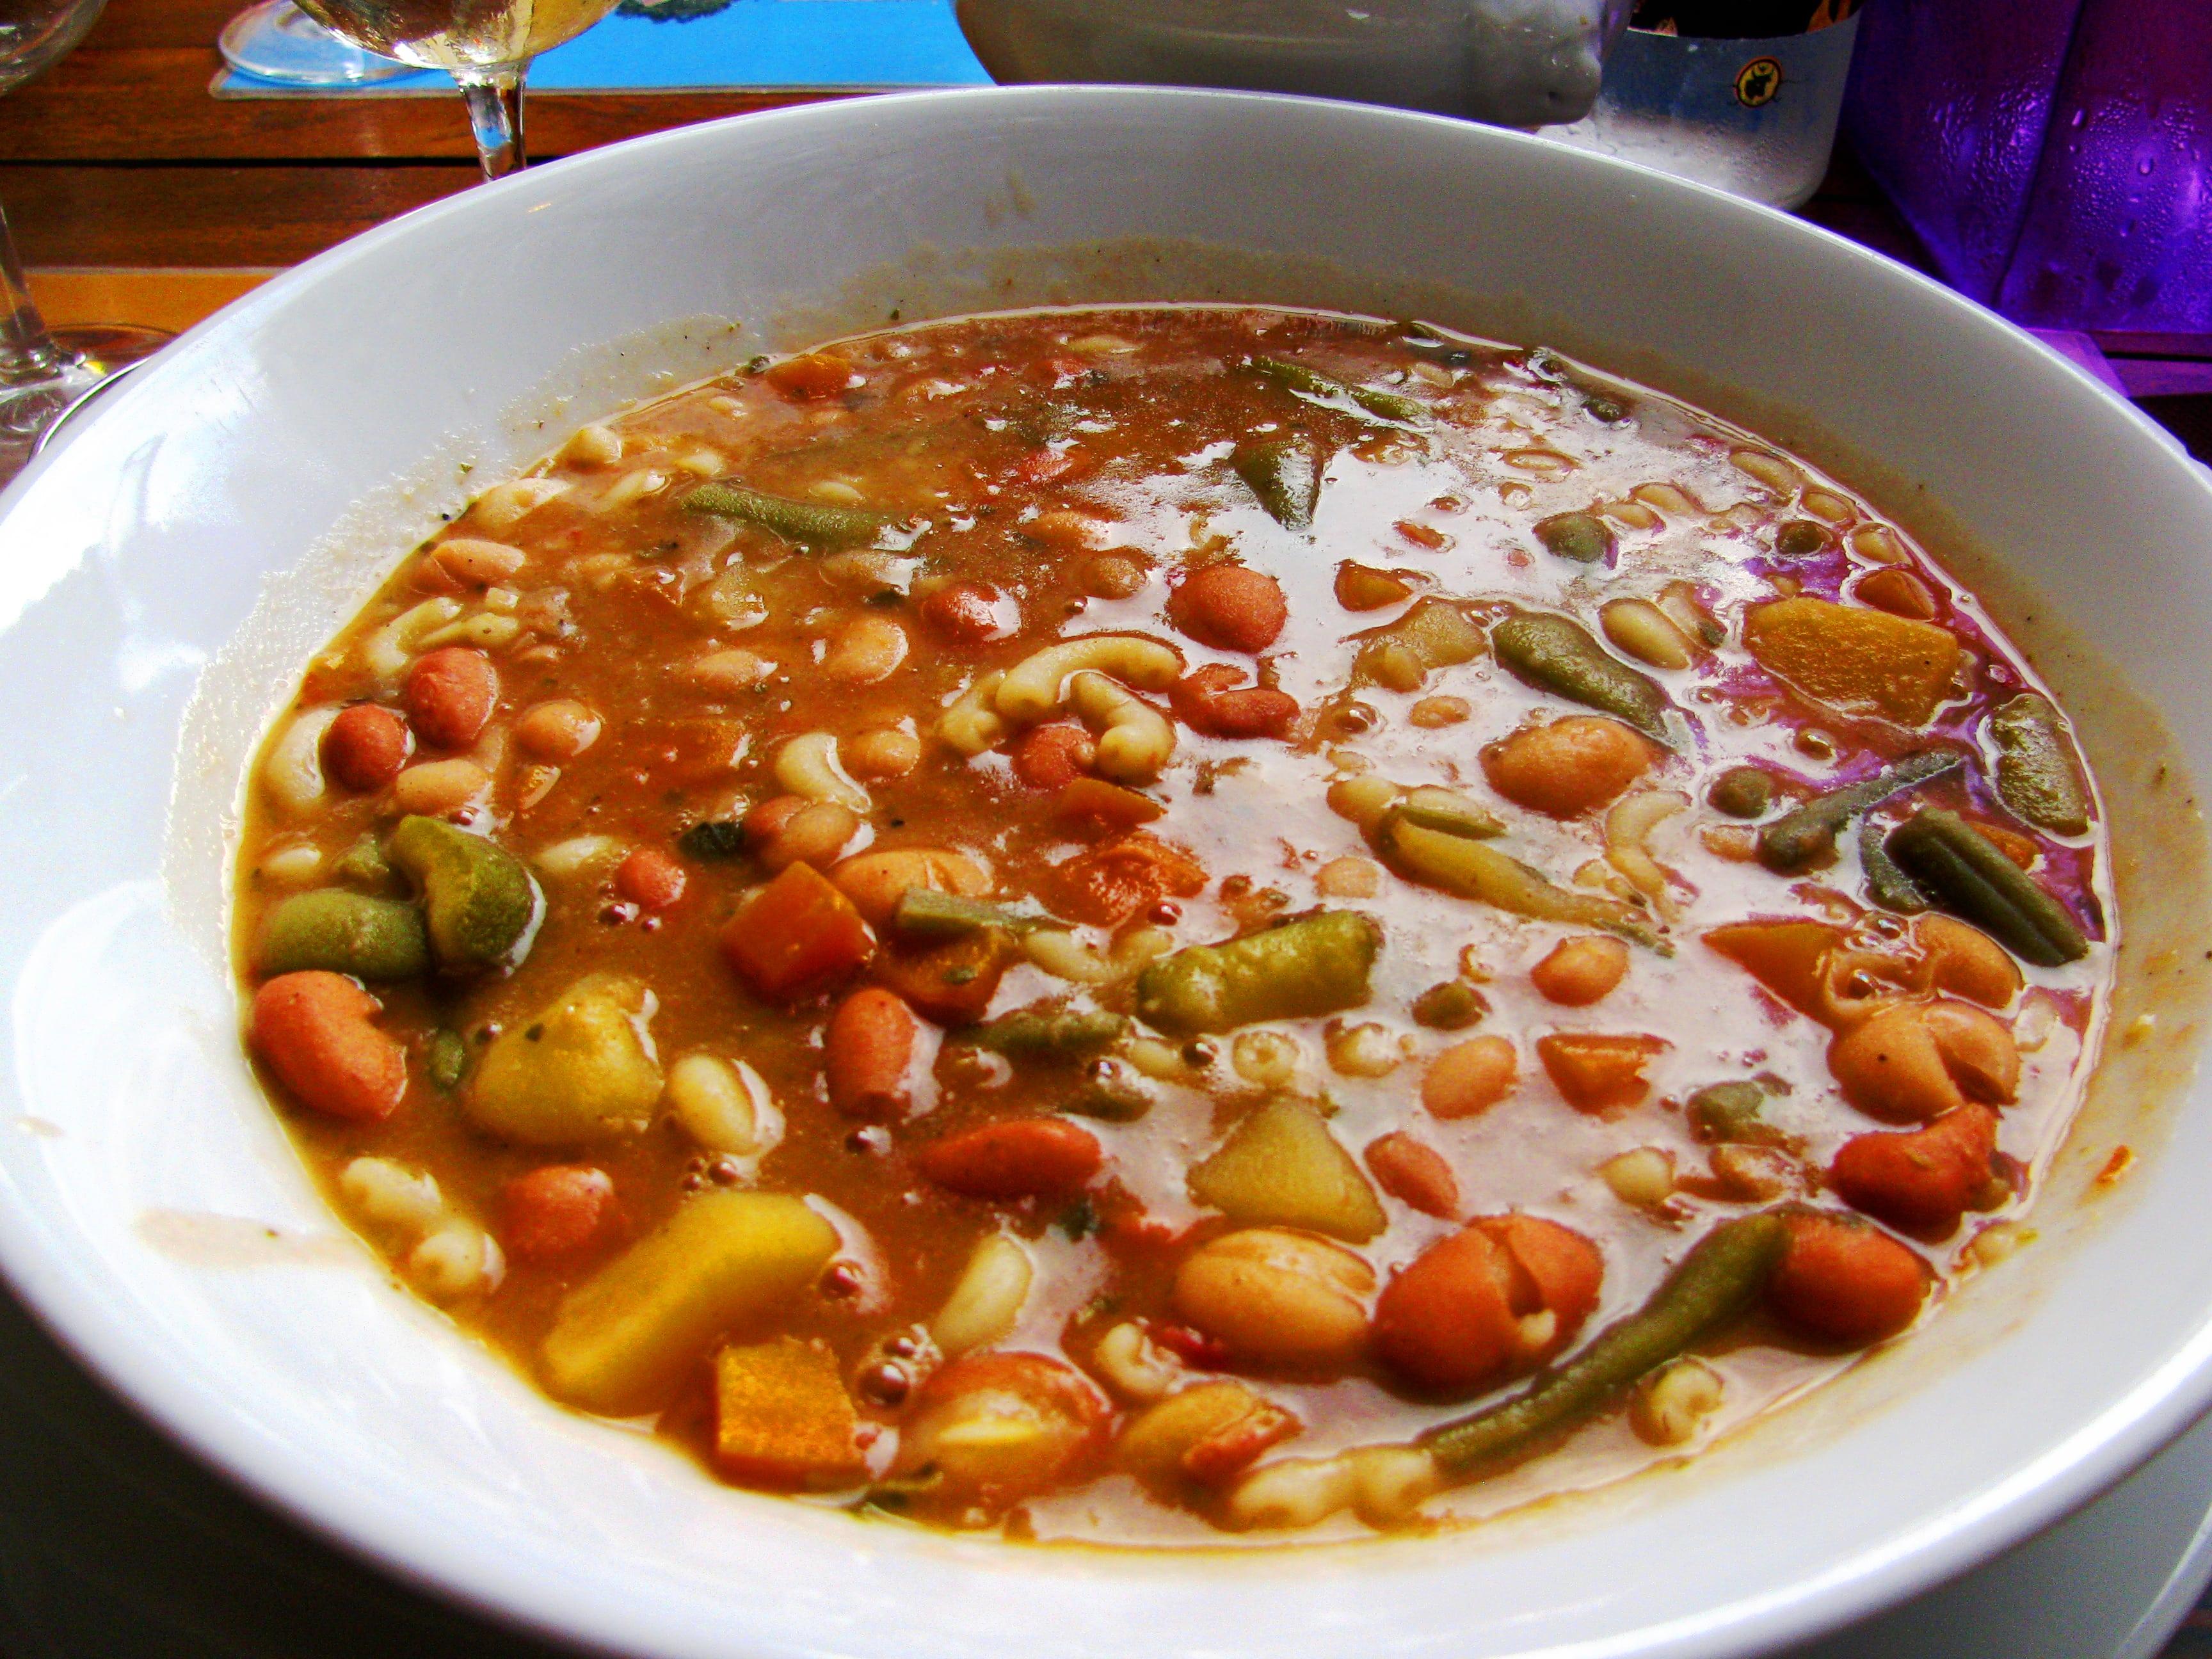 Lumières_restaurant_La_bouche_des_goûts_-_Assiette_de_soupe_au_pistou-min